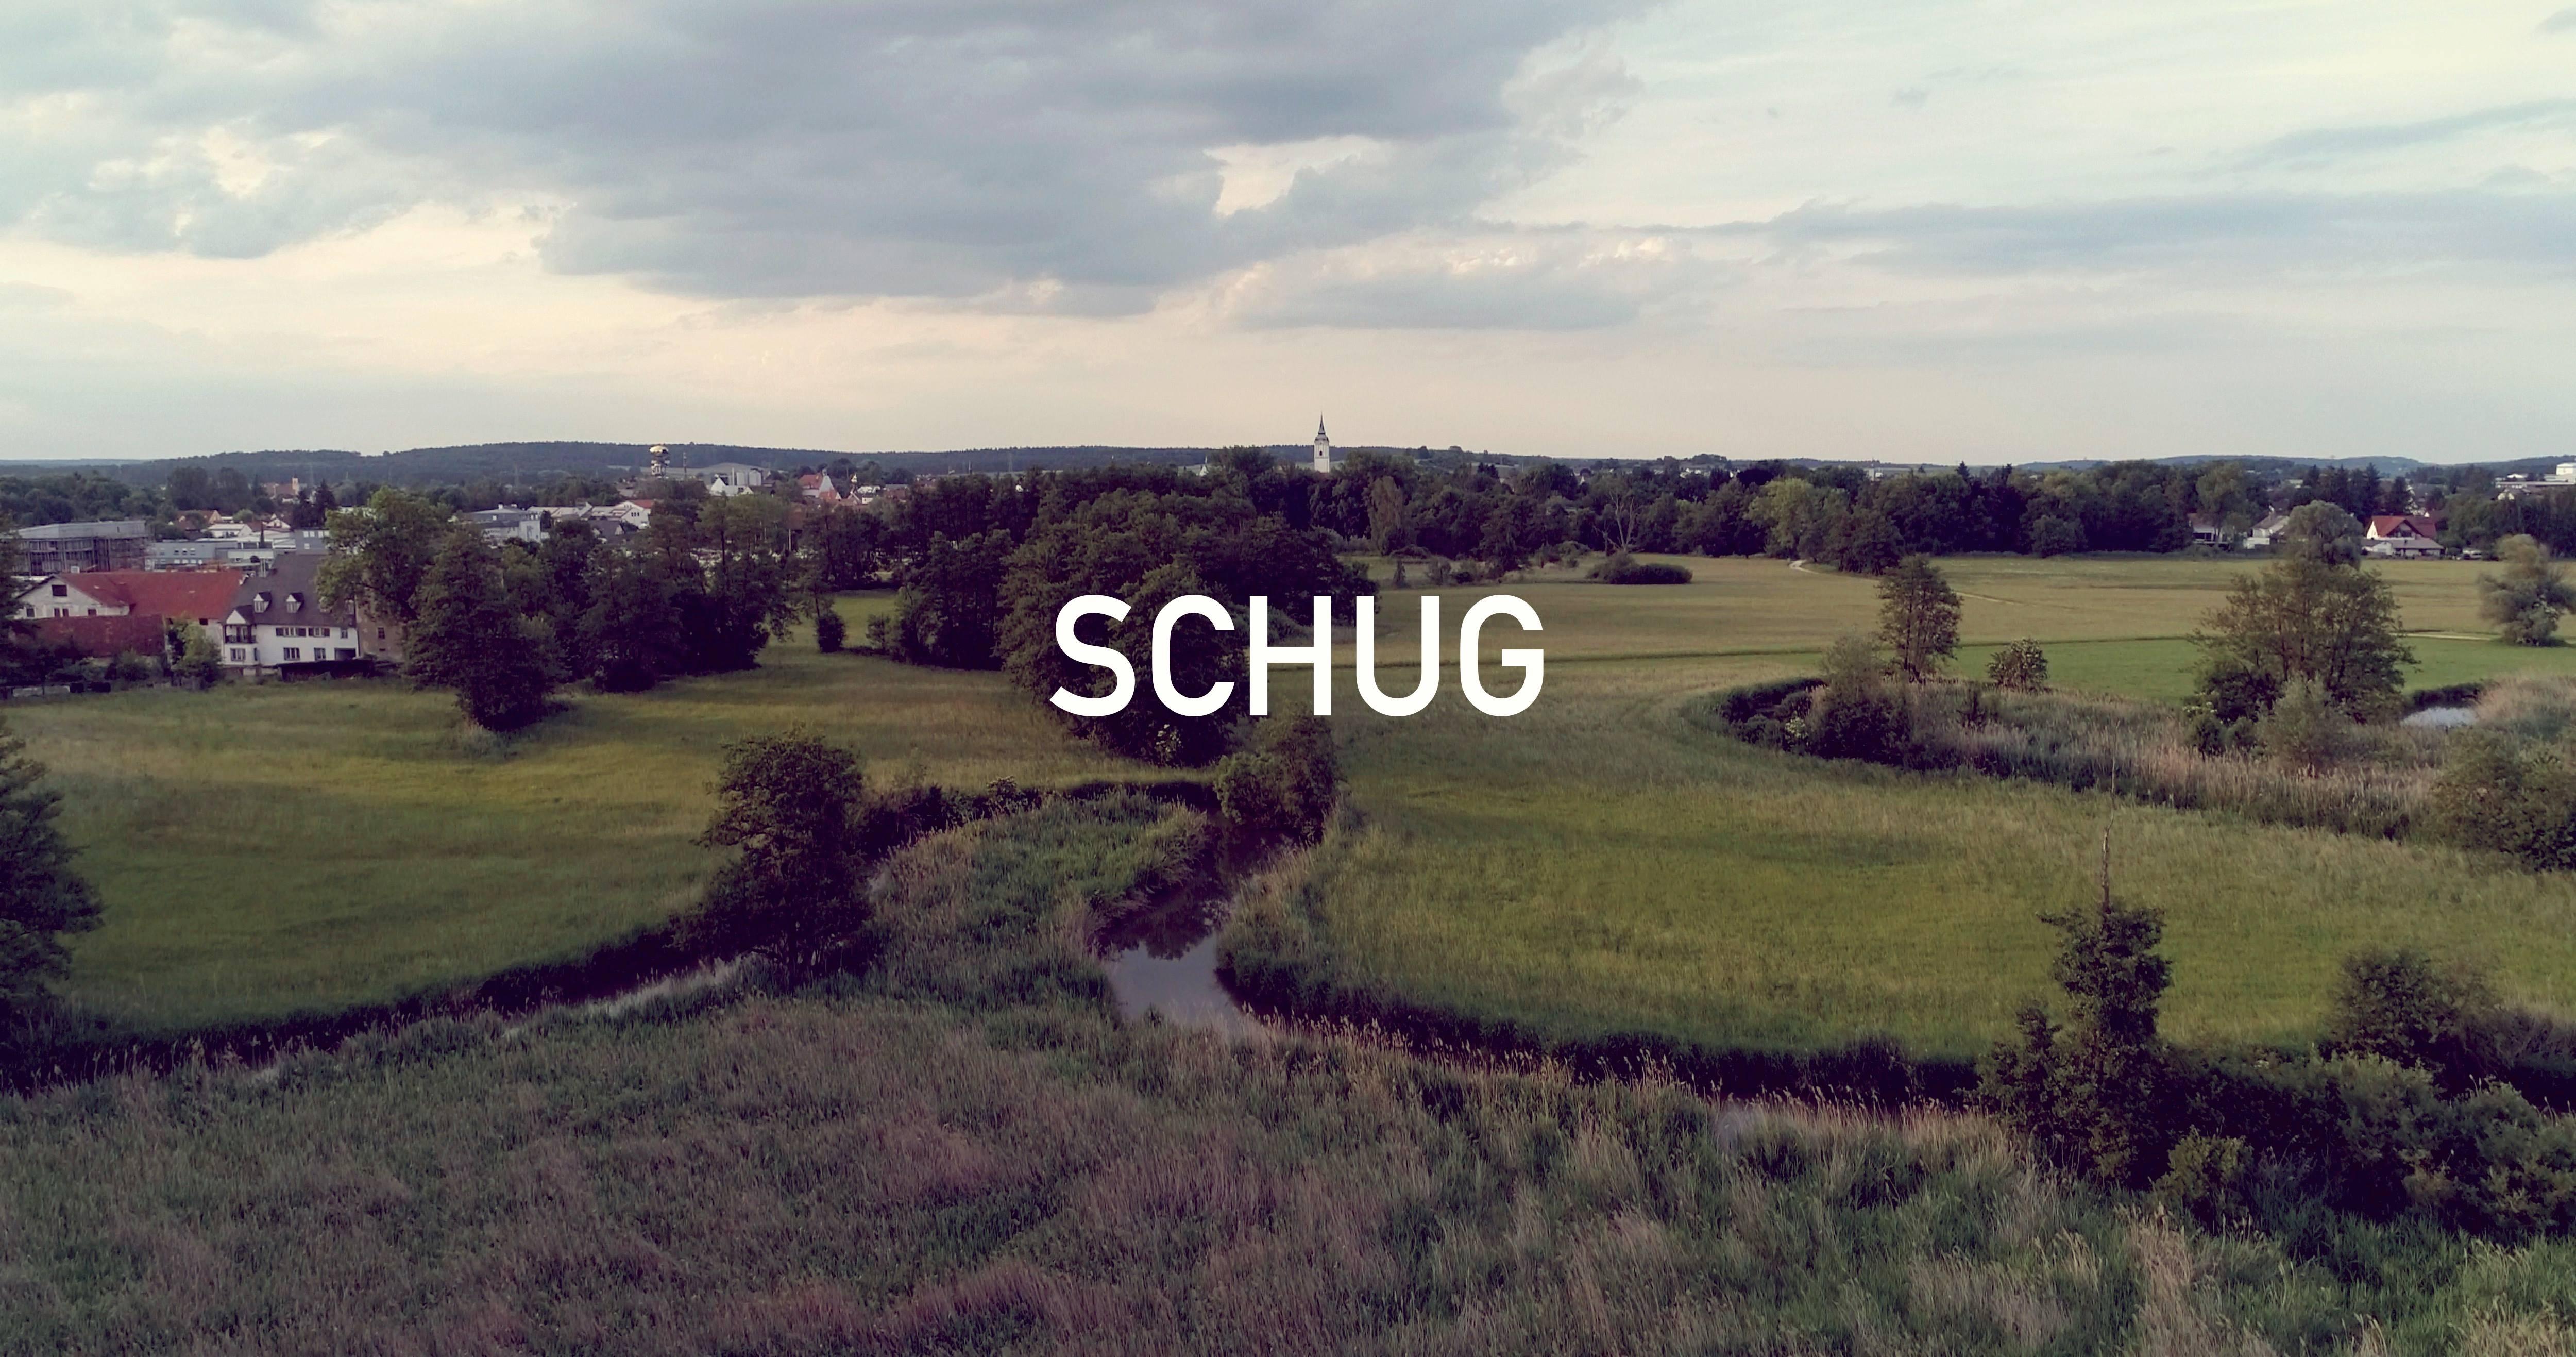 SCHUG